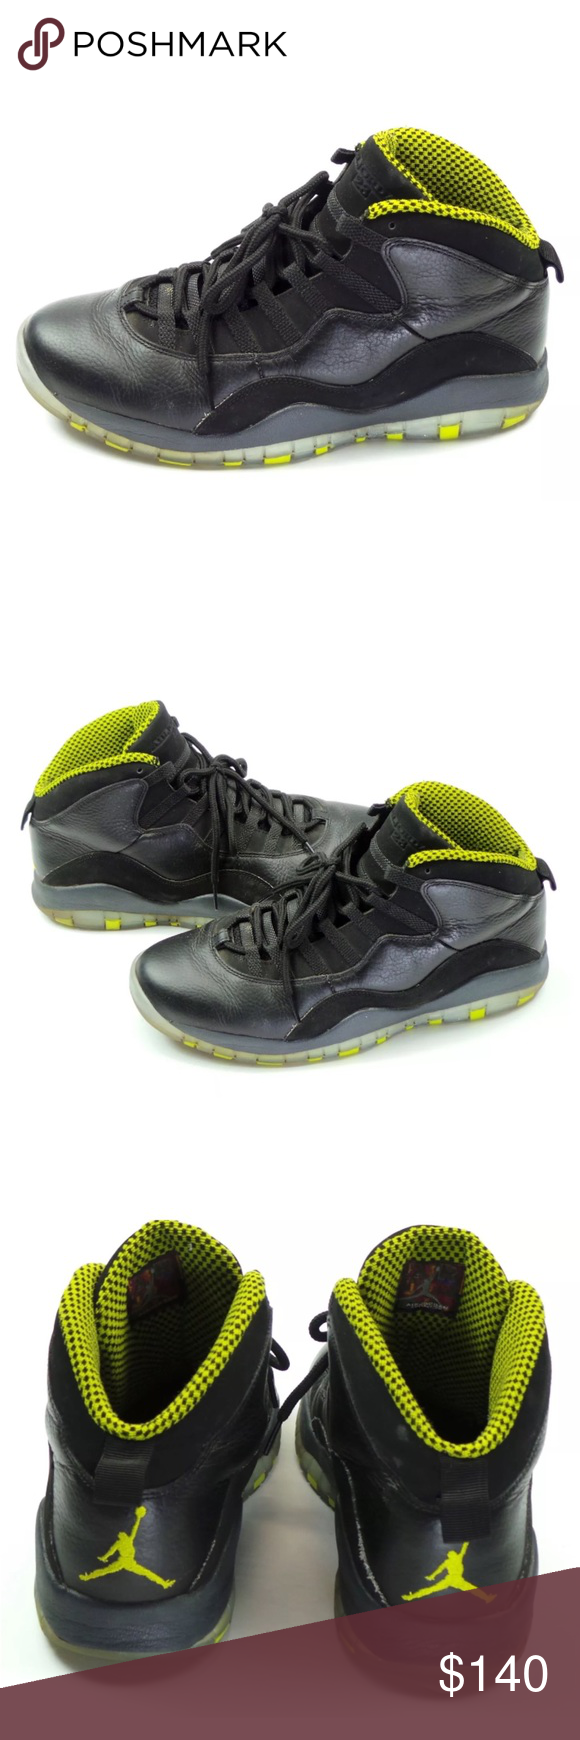 887e26570a4f64 Nike Air JORDAN Retro 10 X 310805-033 Sneakers